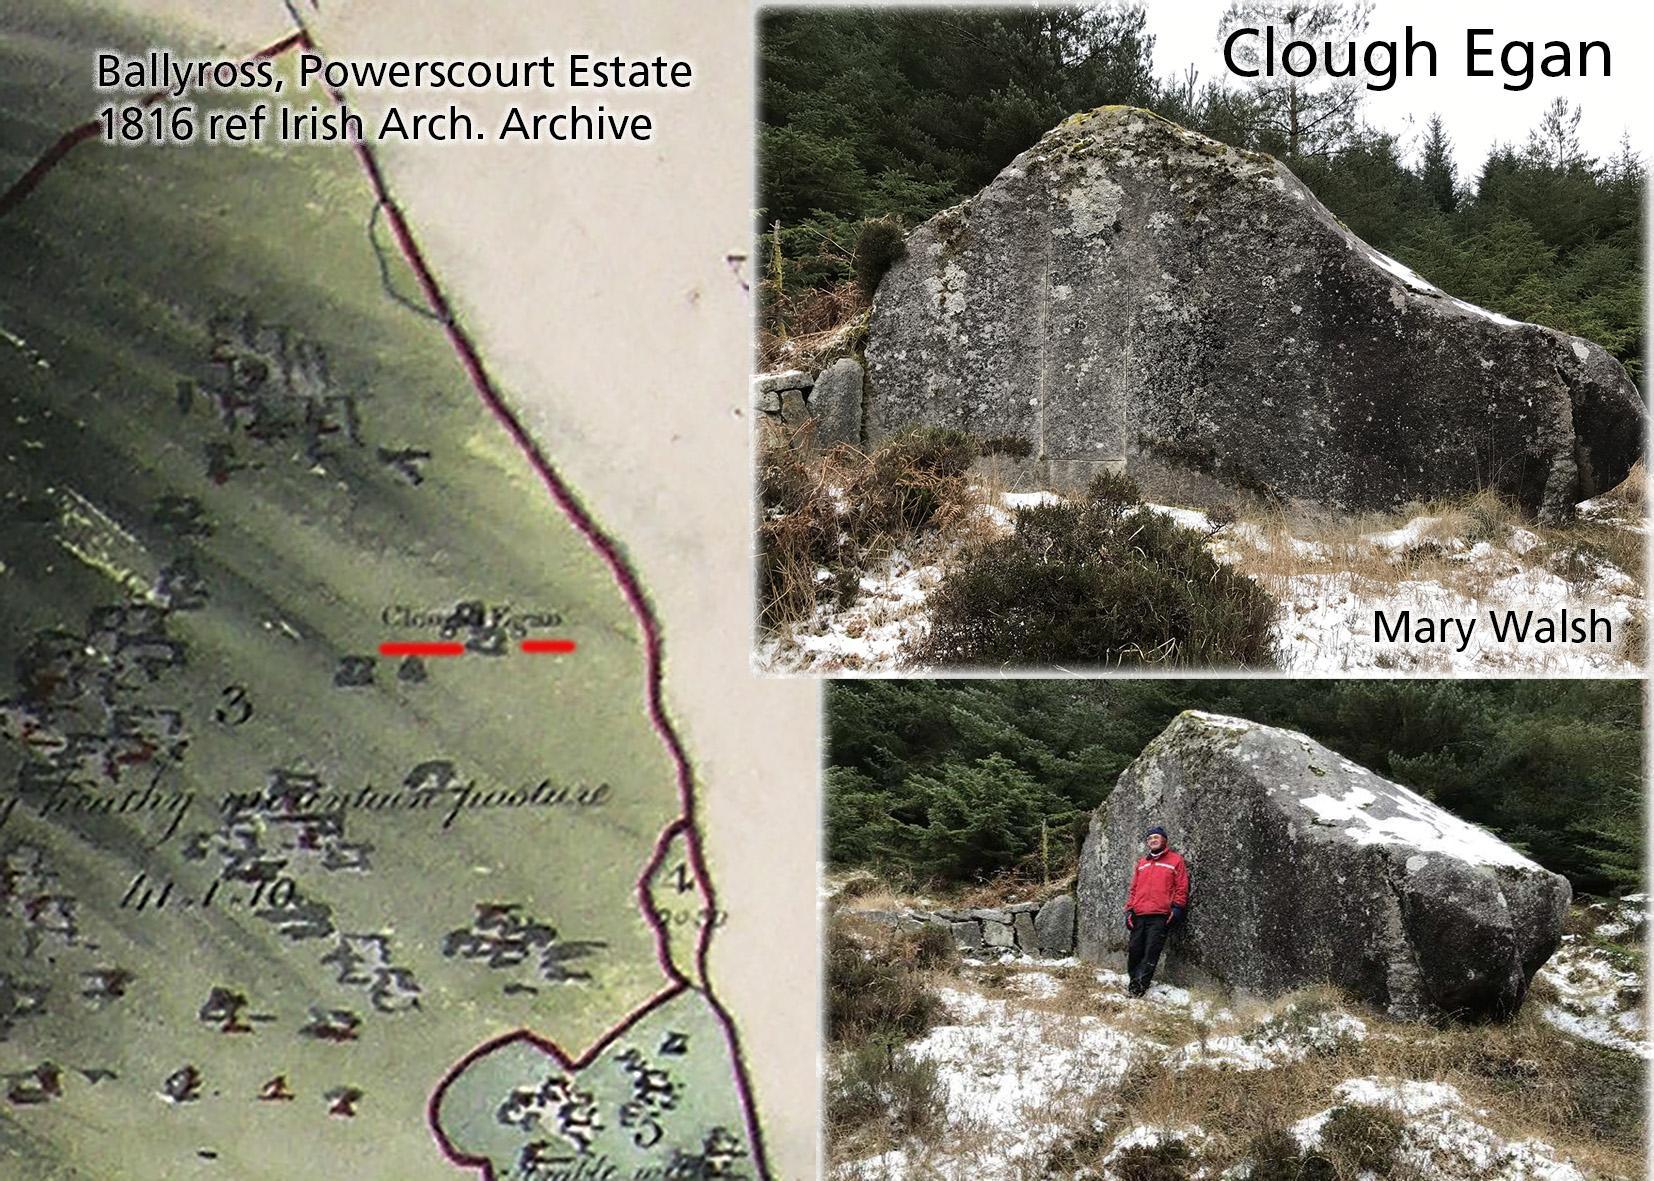 Rediscovering Clough Egan